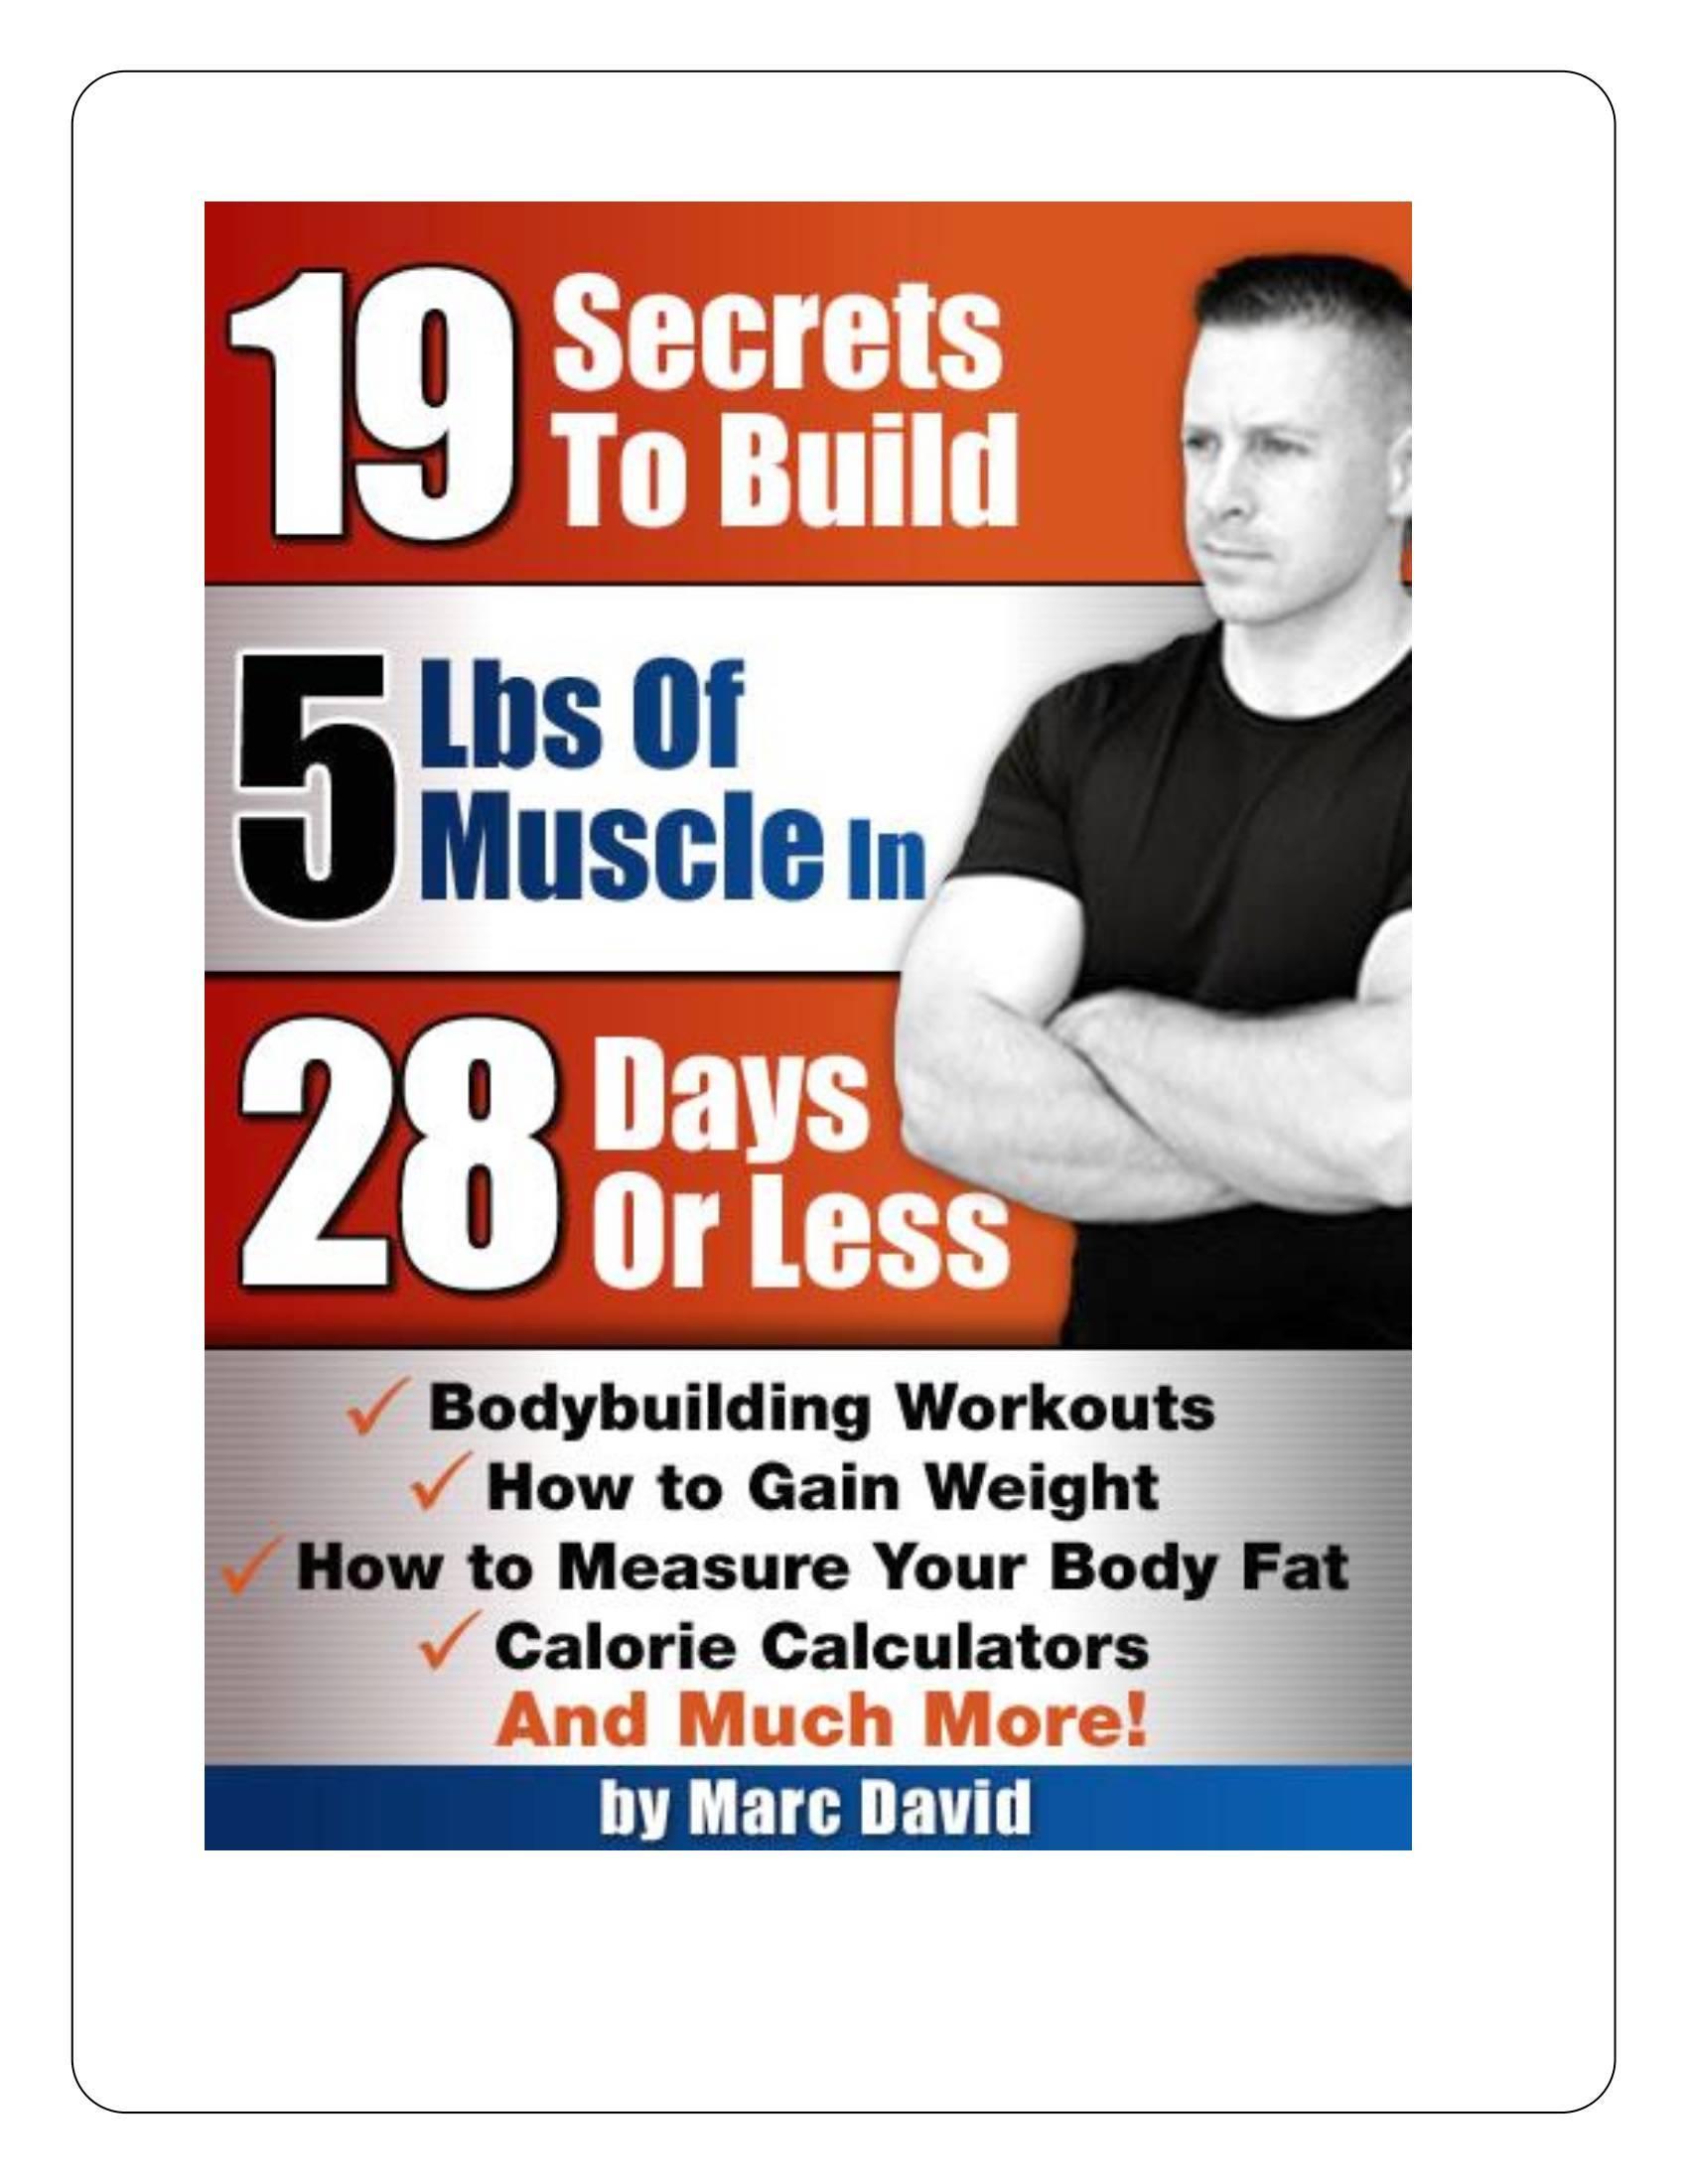 ترجمه کتاب 19 نکته برای ساخت 5 پوند عضله در 28 روز . آموزشگاه رایگان خوش آموز